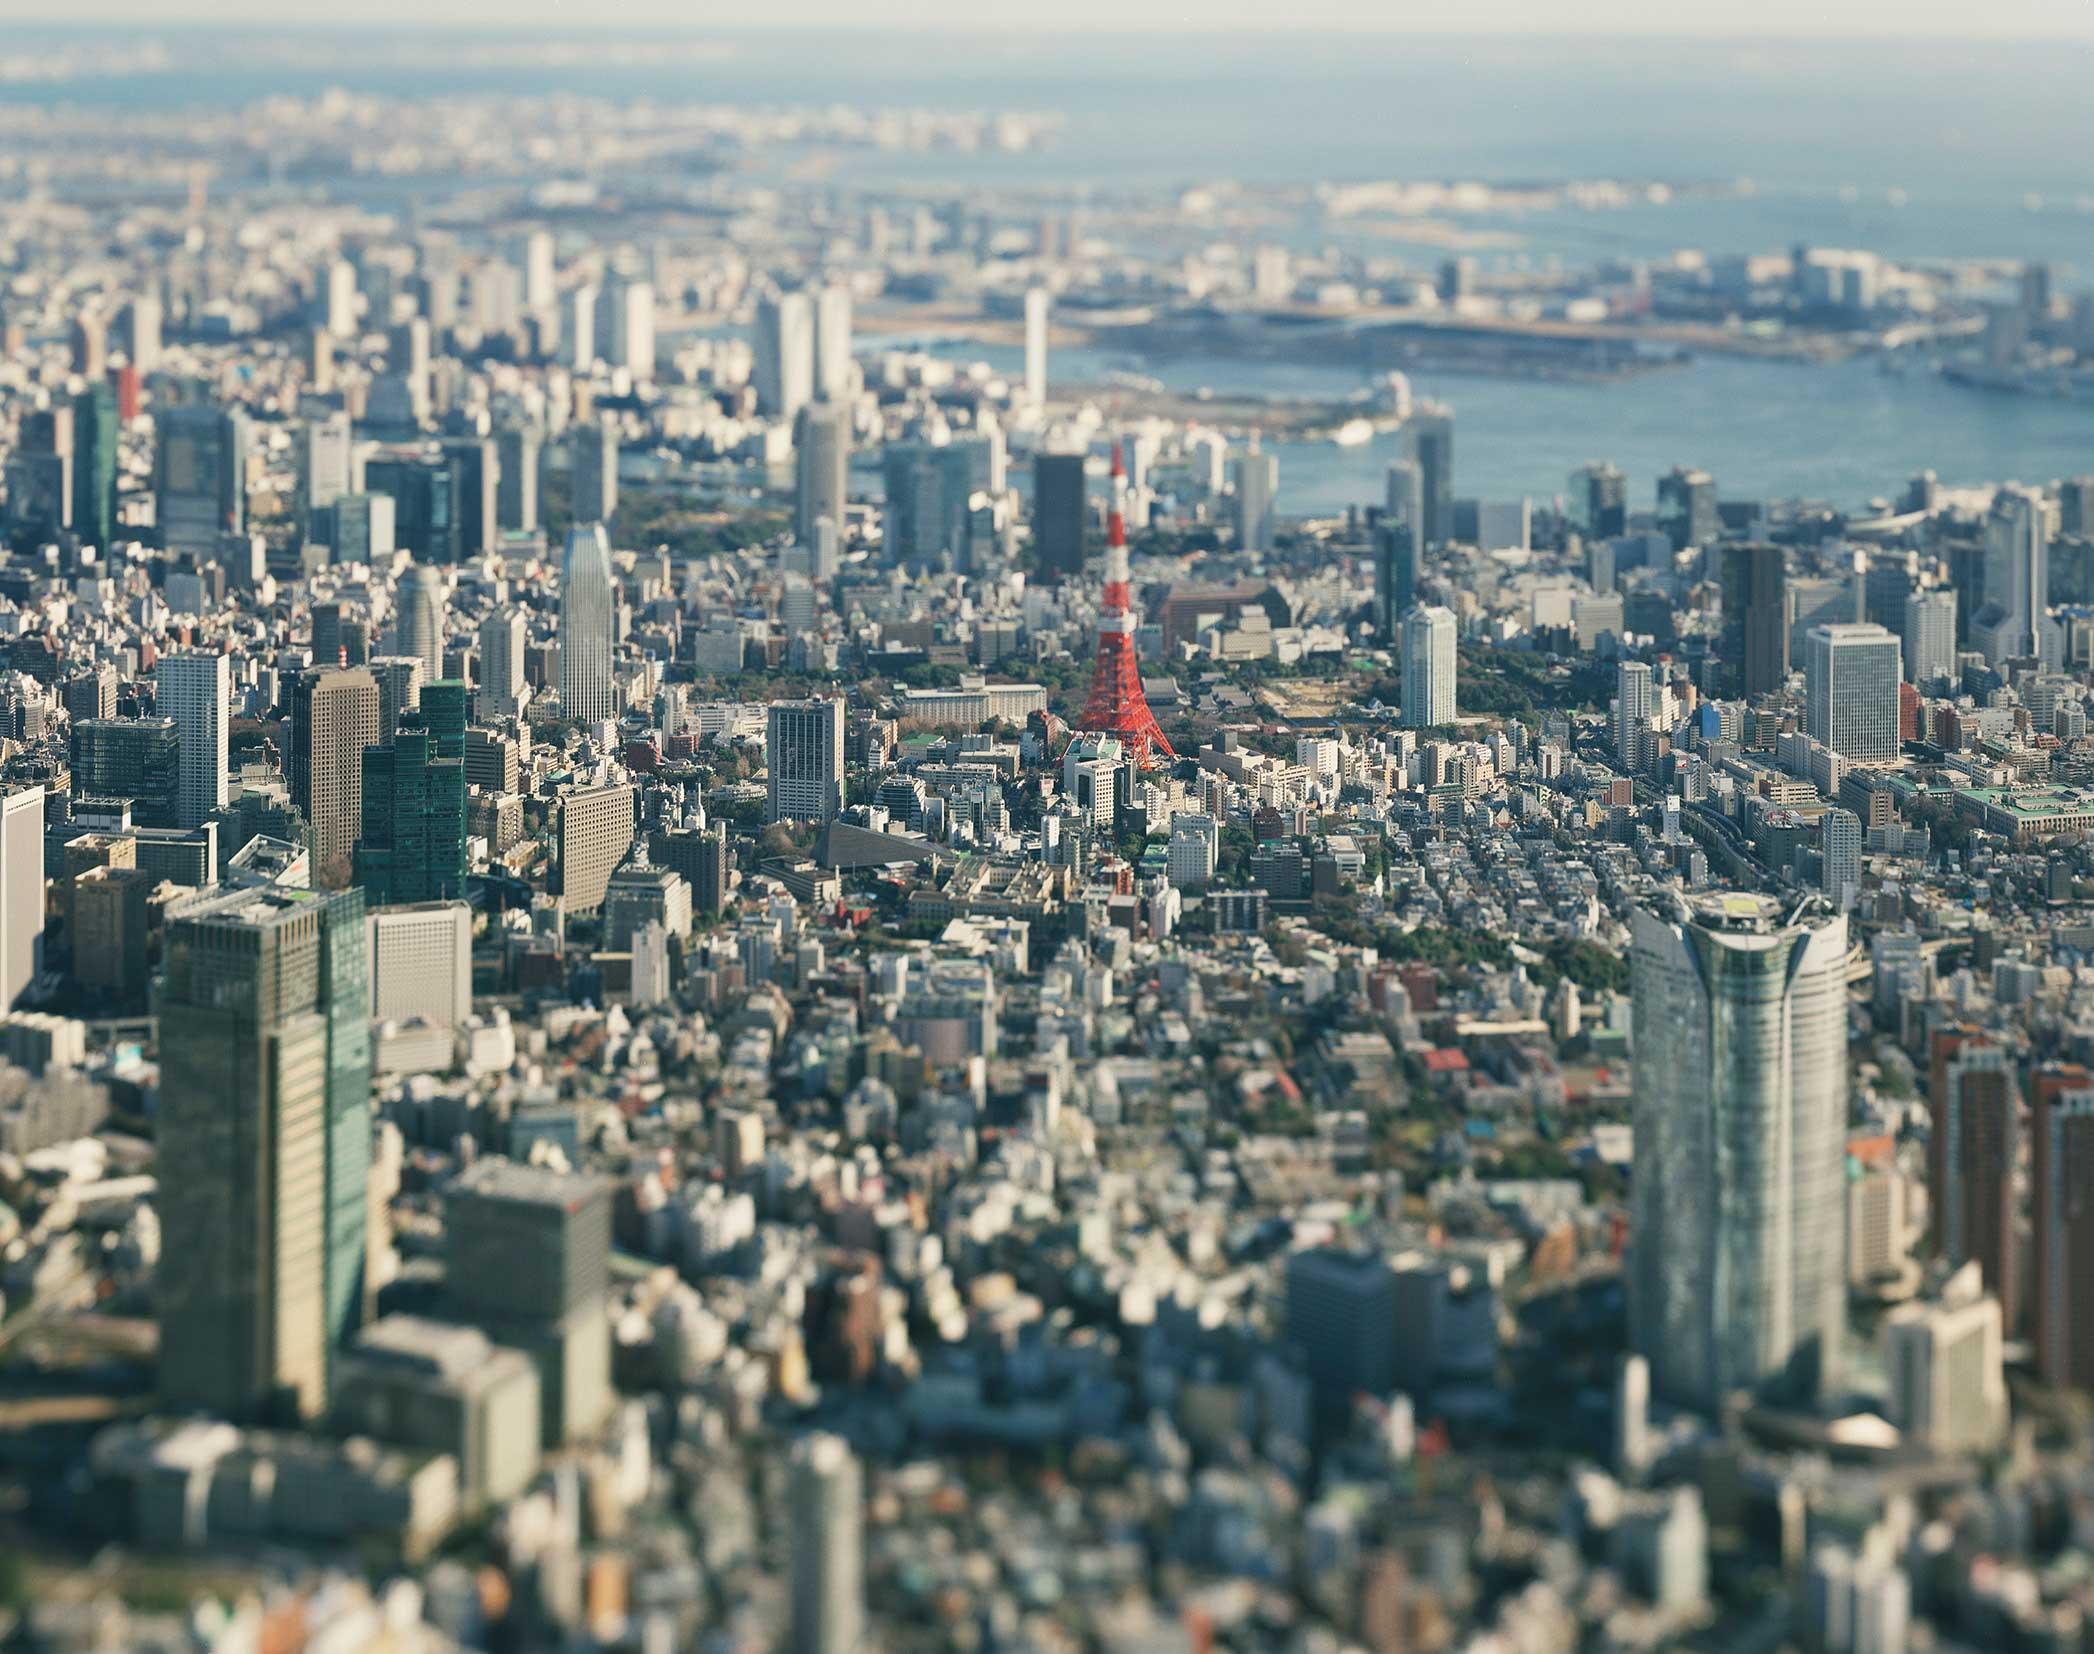 本城直季「TOKYO / KYOTO 1/2」展で、ジオラマのような東京を観察しよう(代官山・3/13まで)